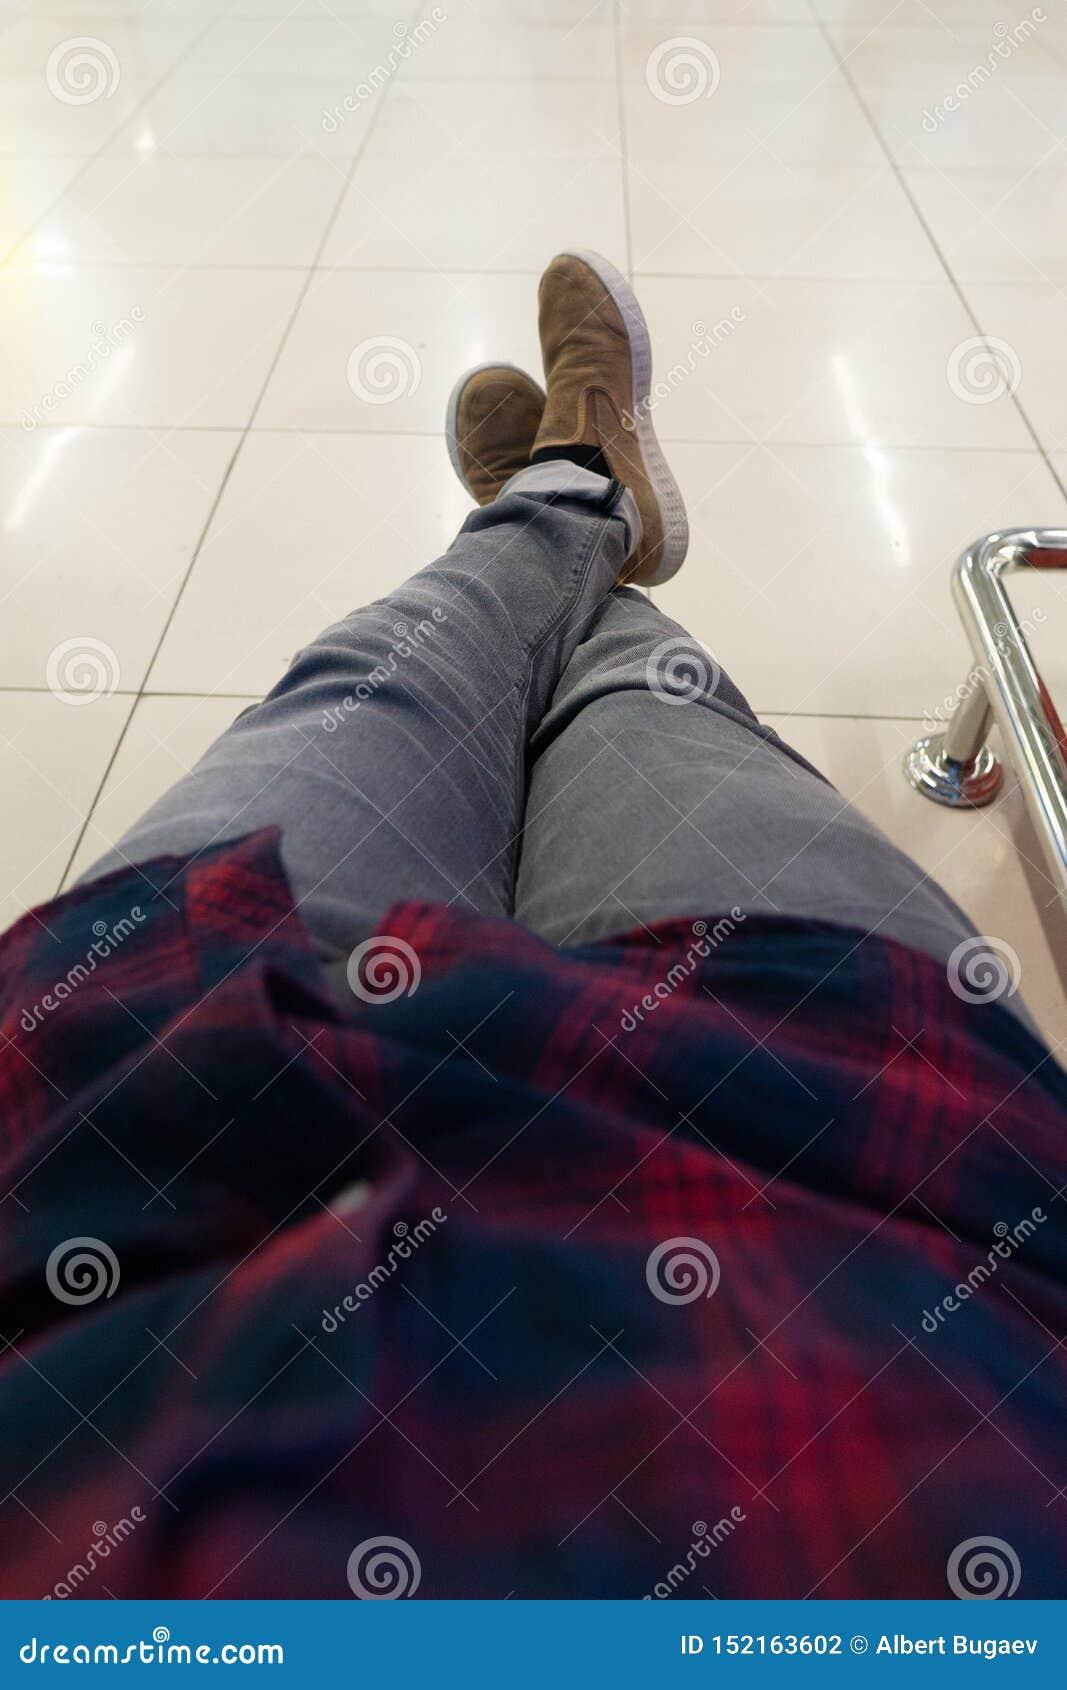 Piernas cruzadas de un hombre en pantalones grises y zapatos marrones El hombre en la sala de espera